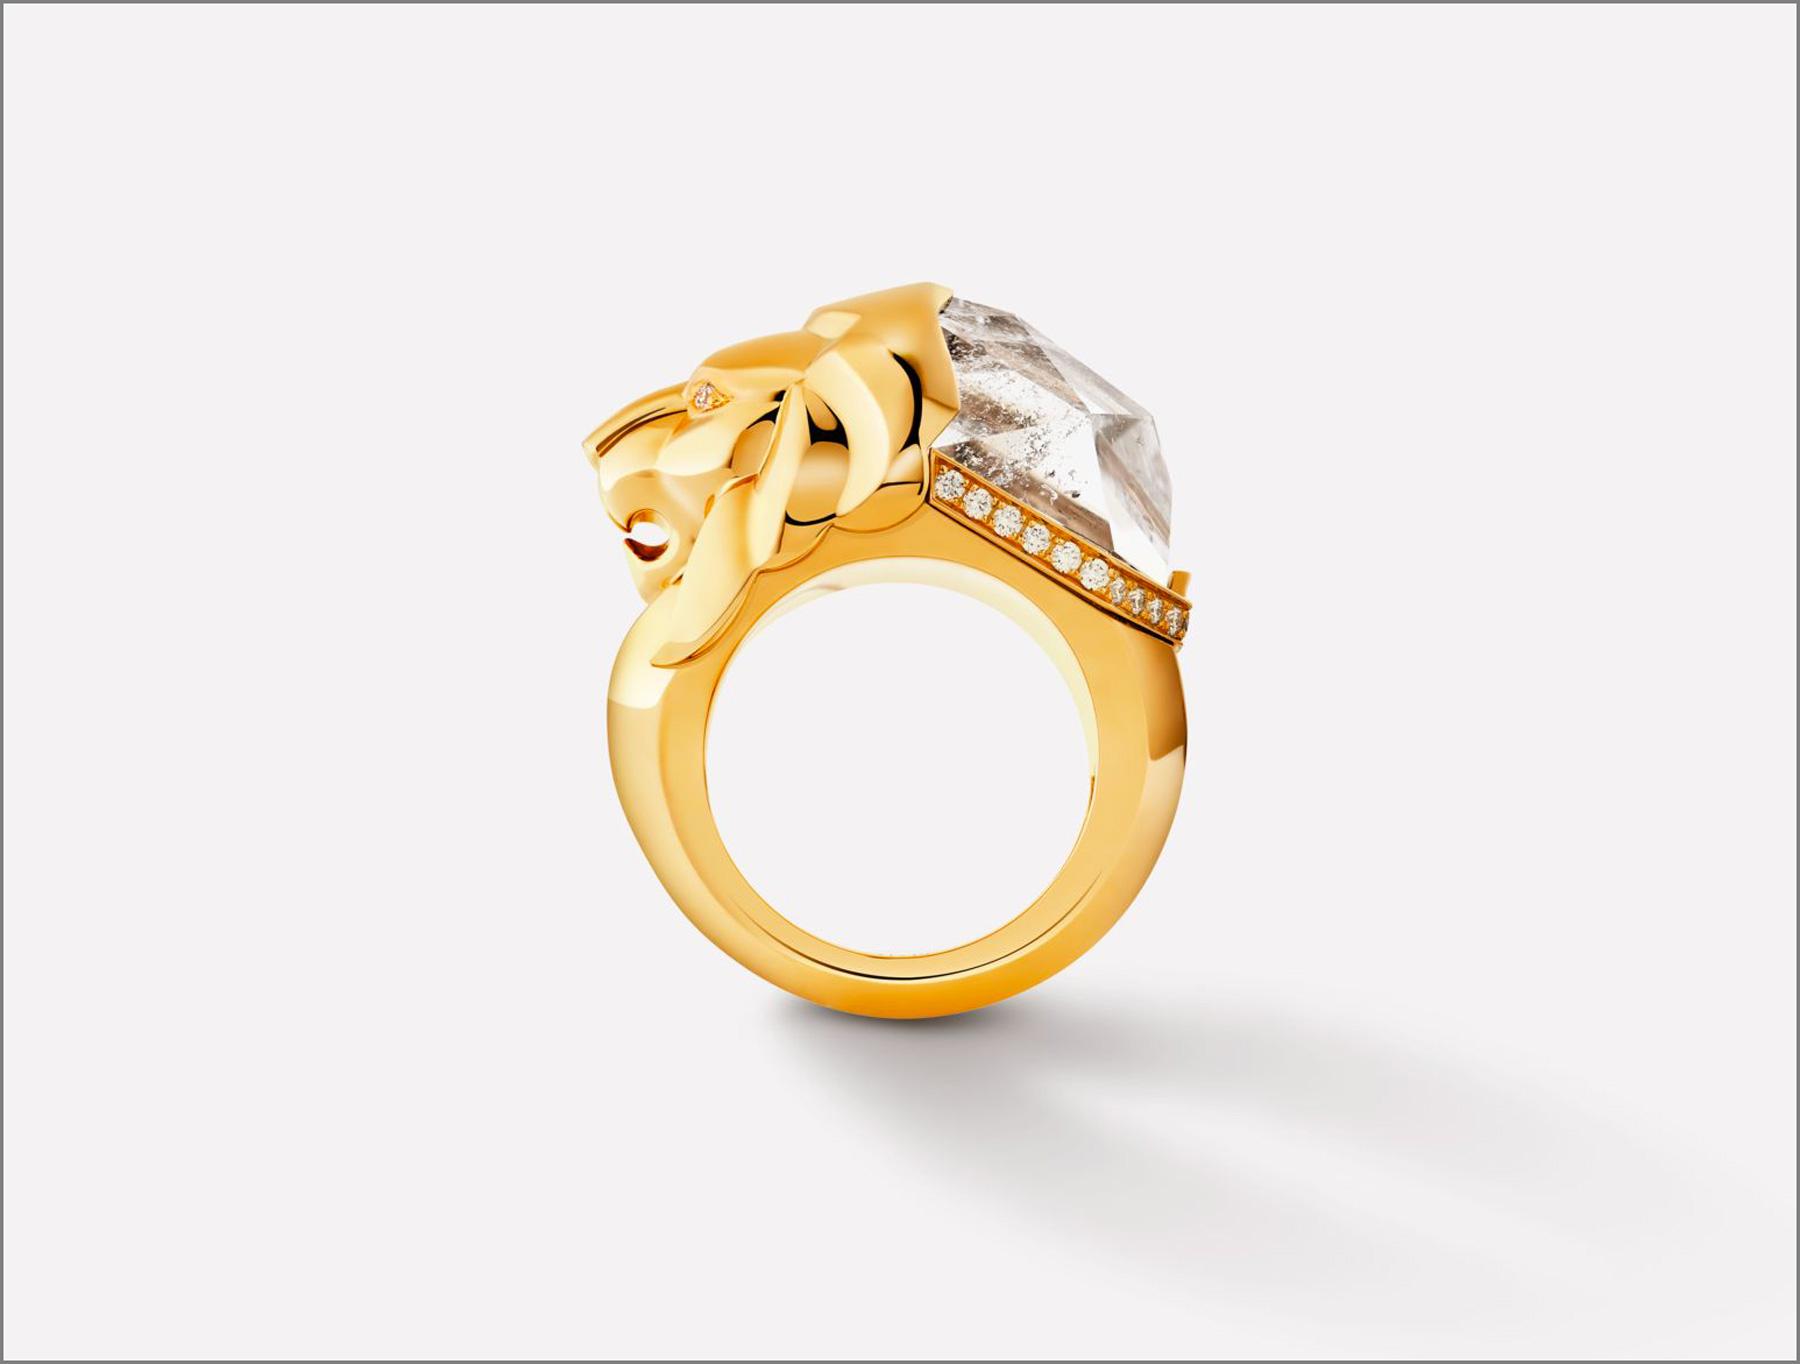 Anello in oro giallo 18 carati con diamanti e quarzo